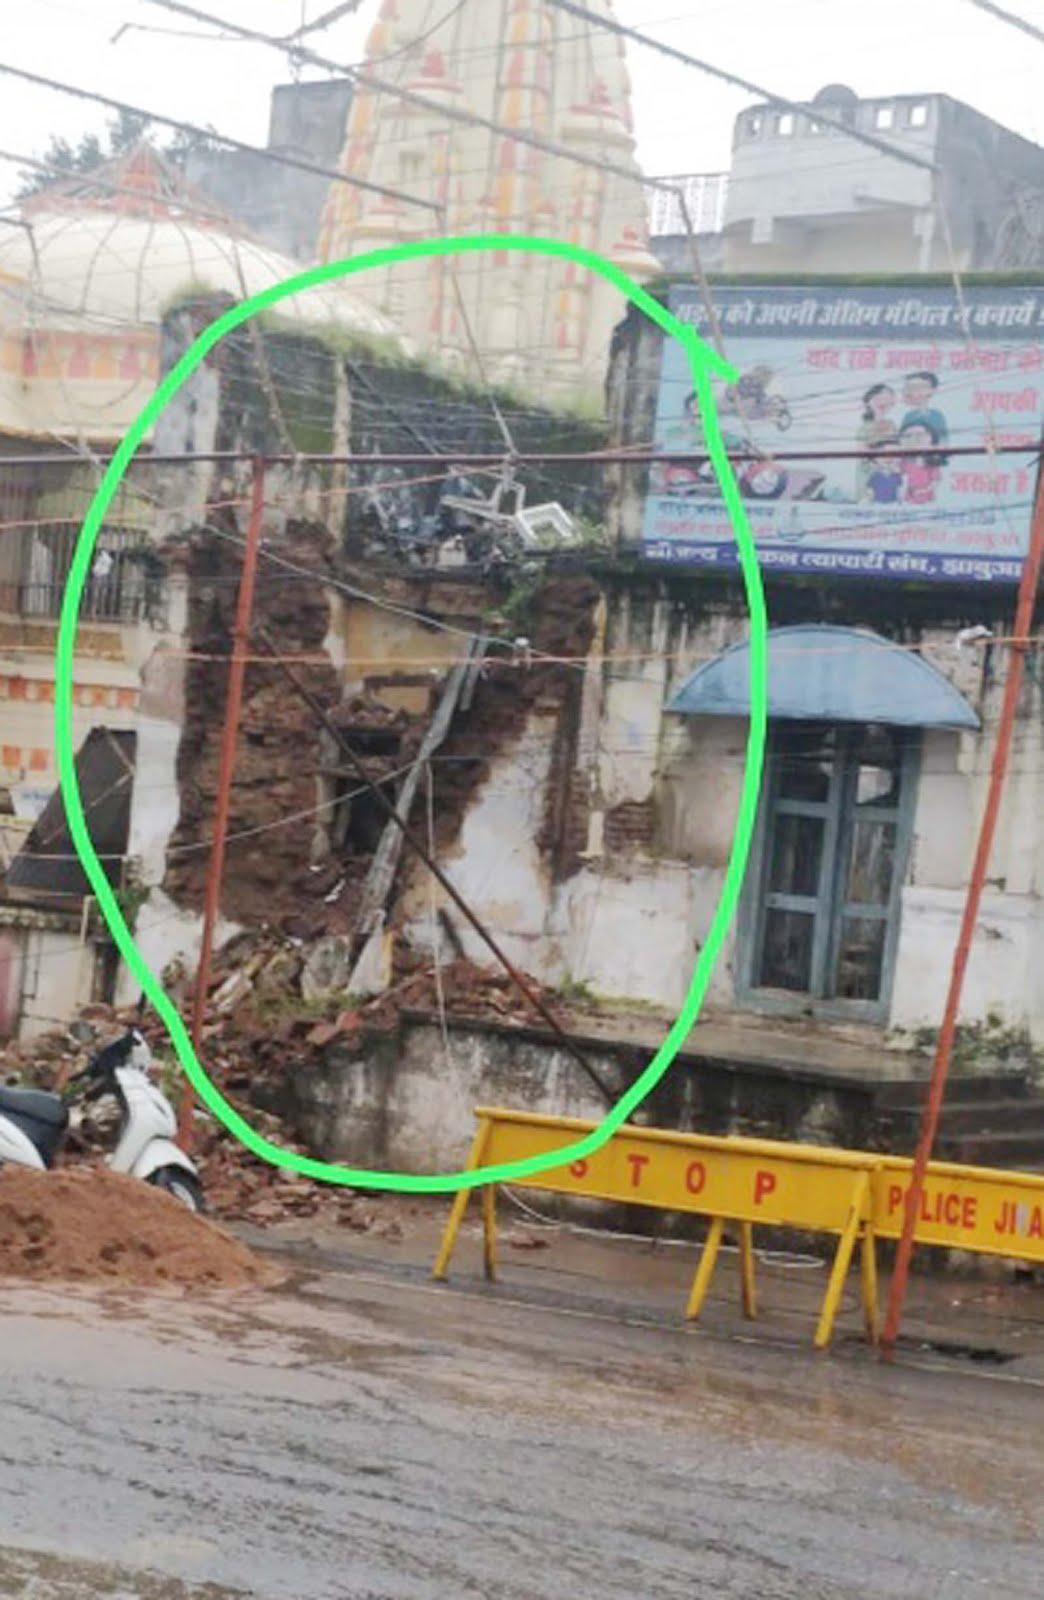 Jhabua News-राजवाड़ा पर जीर्ण-शीर्ण भवन को डिस्मेंटल को लेकर राजवाड़ा मित्र मंडल ने एसडीएम को दिया पत्र